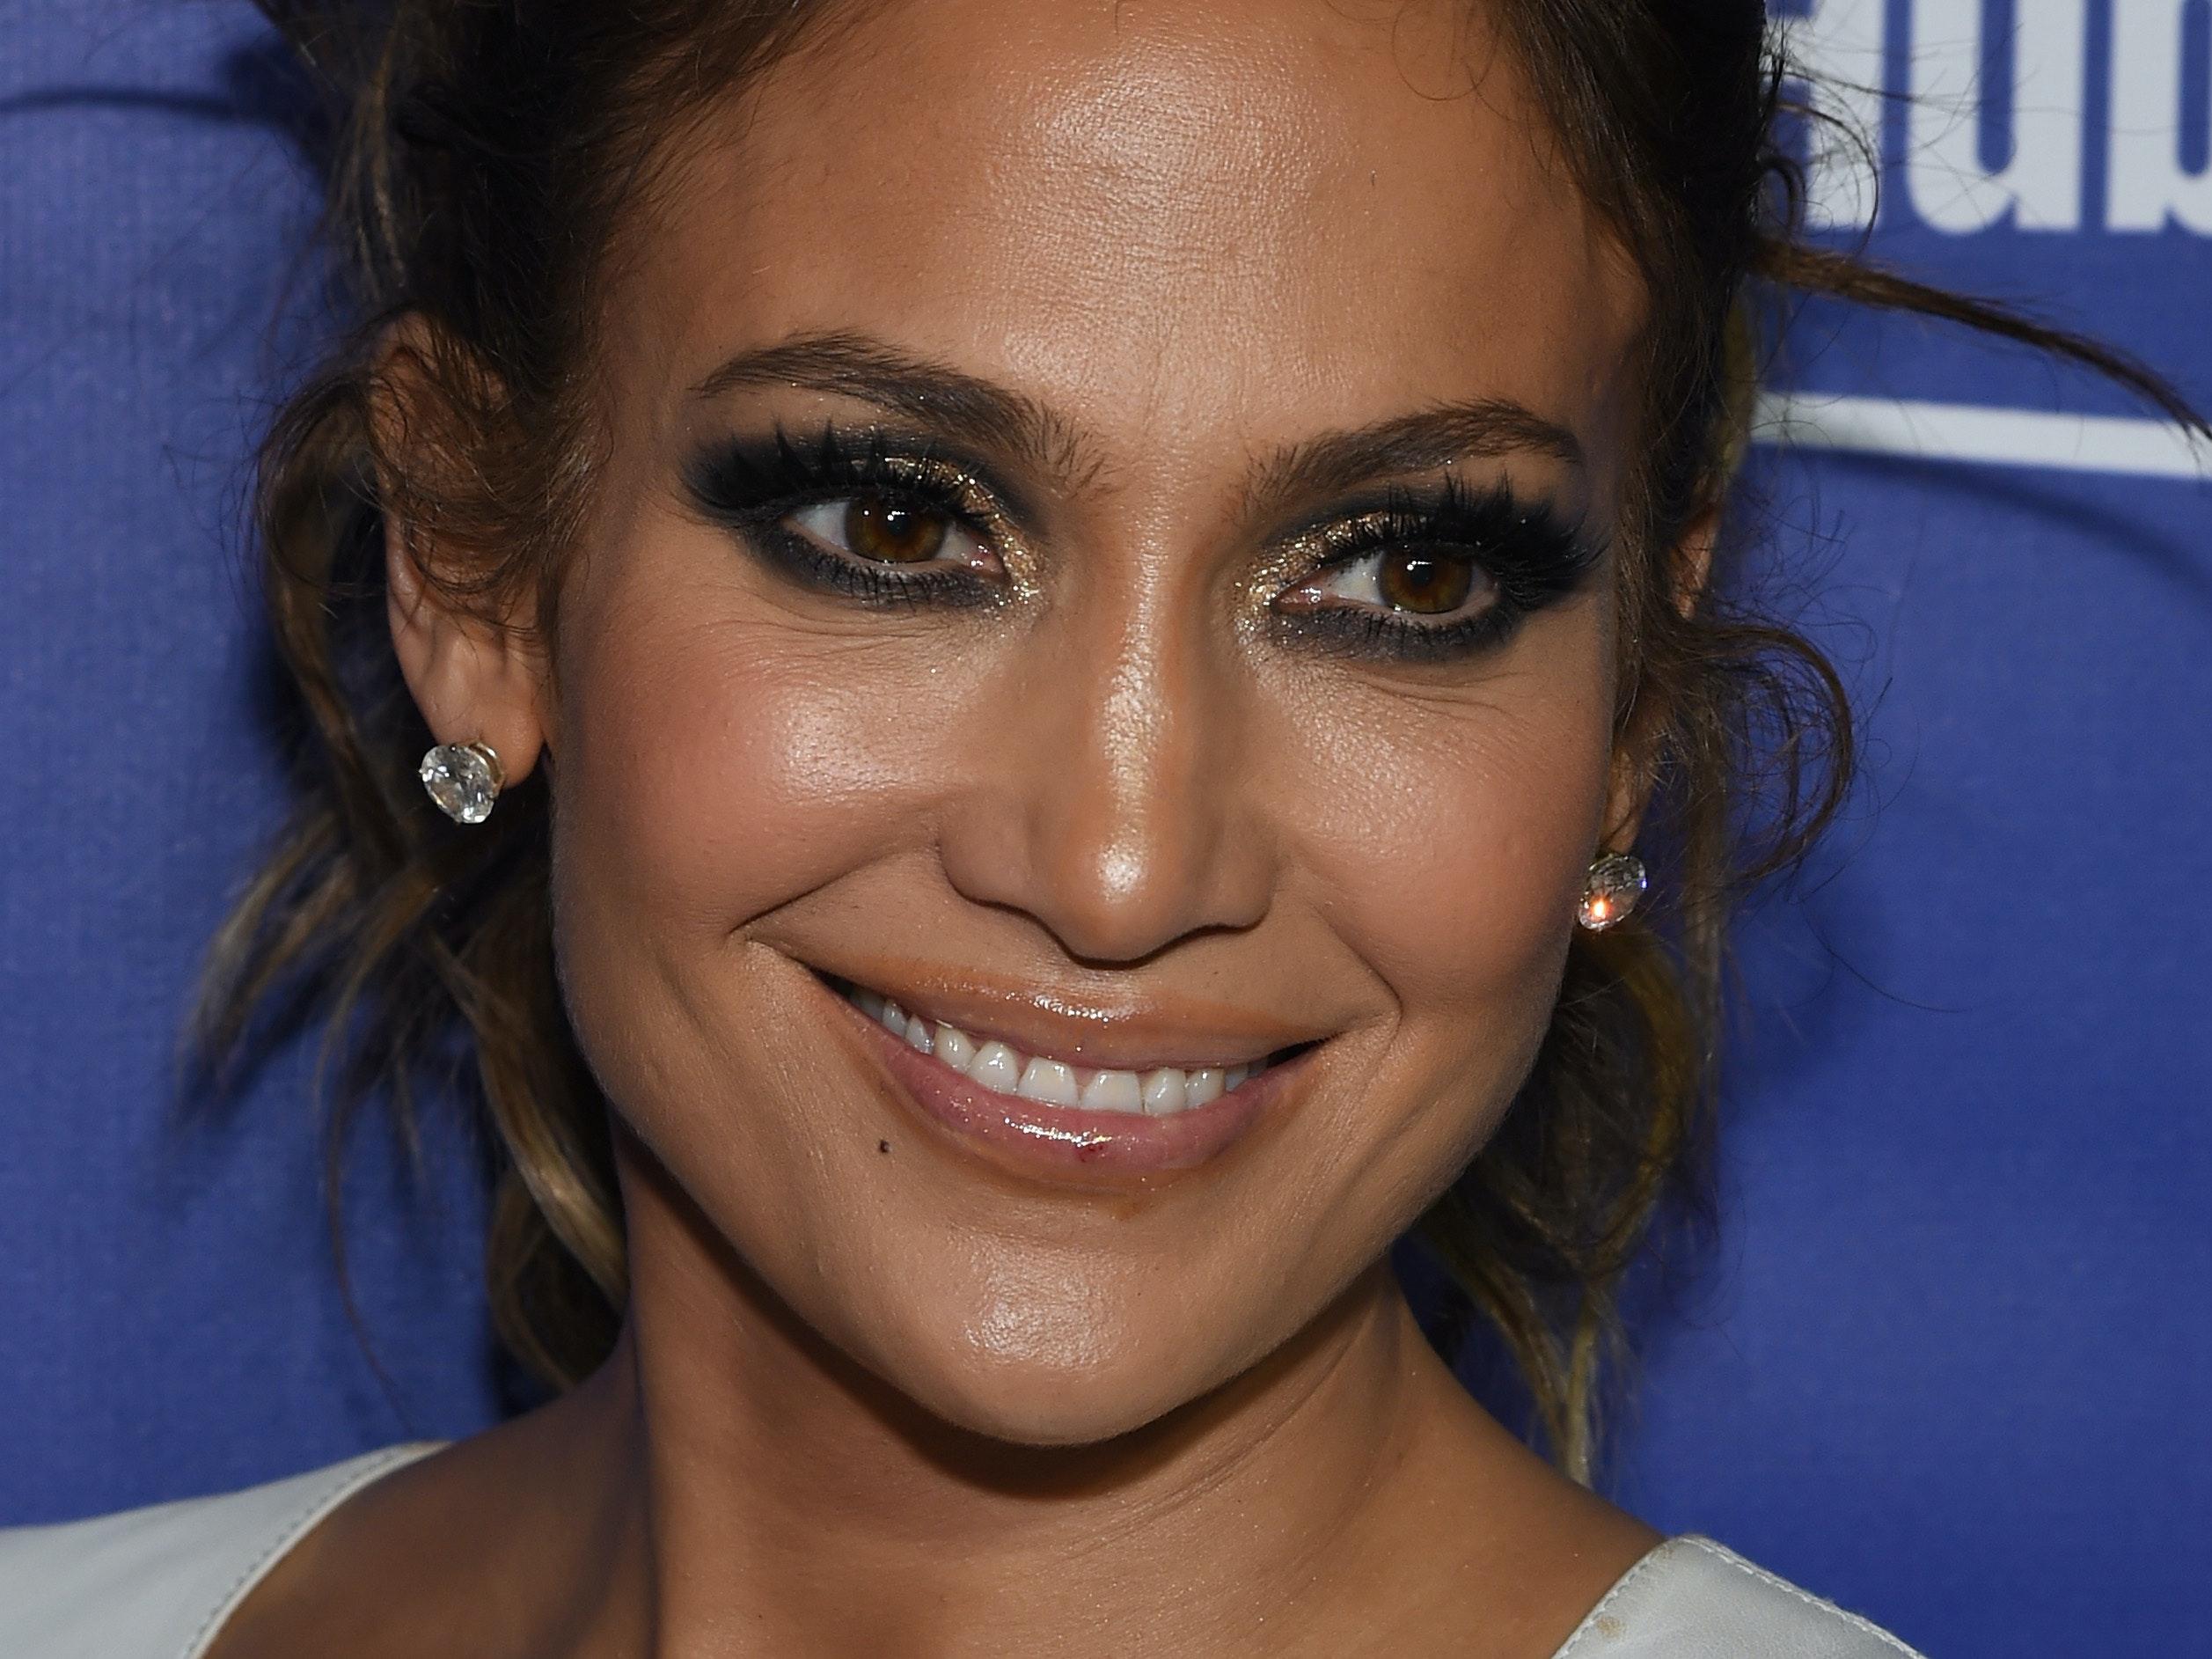 J.Lo's Killer Fetuses in 'C.R.I.S.P.R.' Are Not a Bad Thing